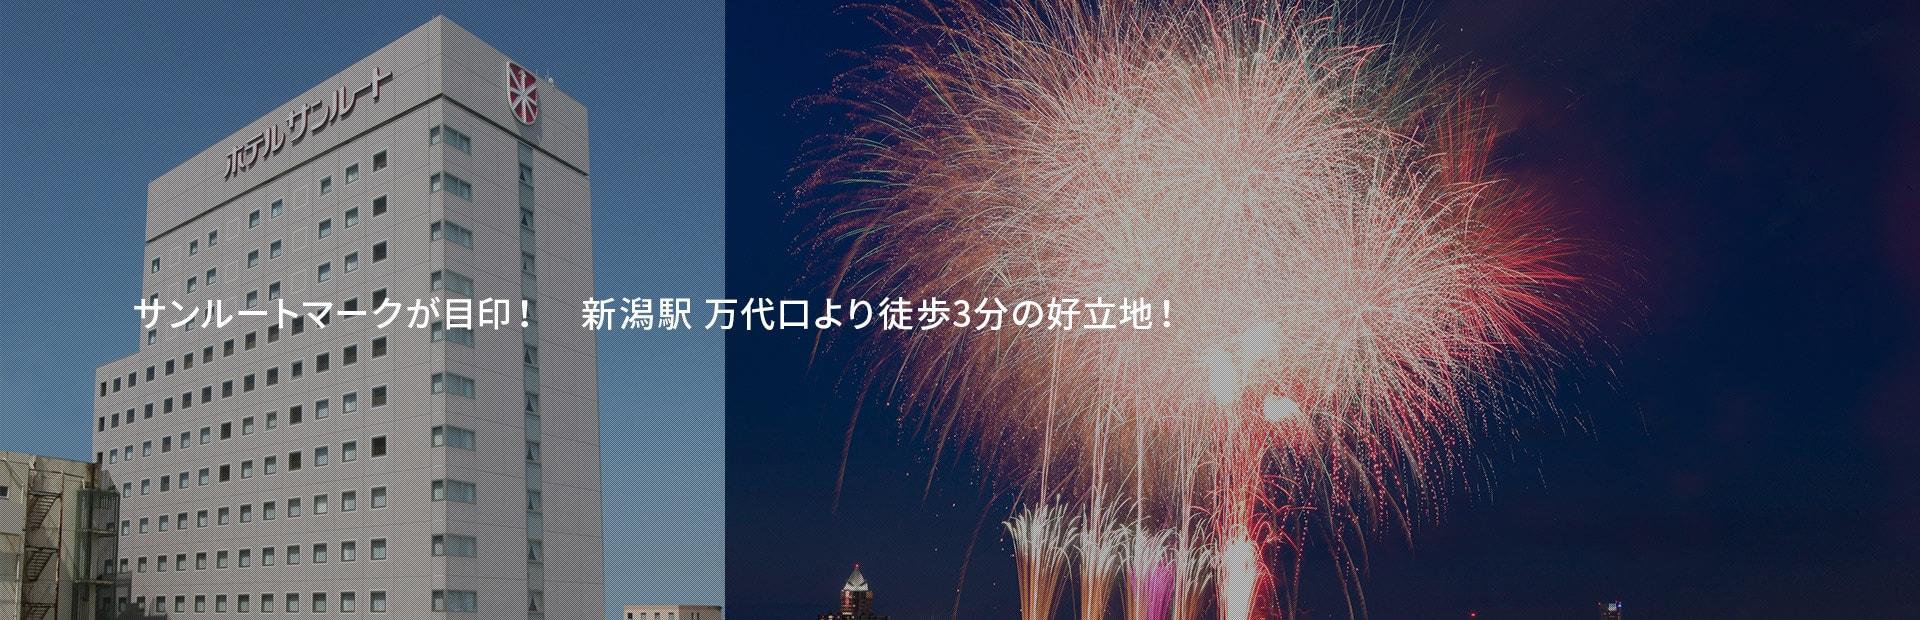 公式>ホテルサンルート新潟|新潟駅より徒歩3分のゆとりの空間